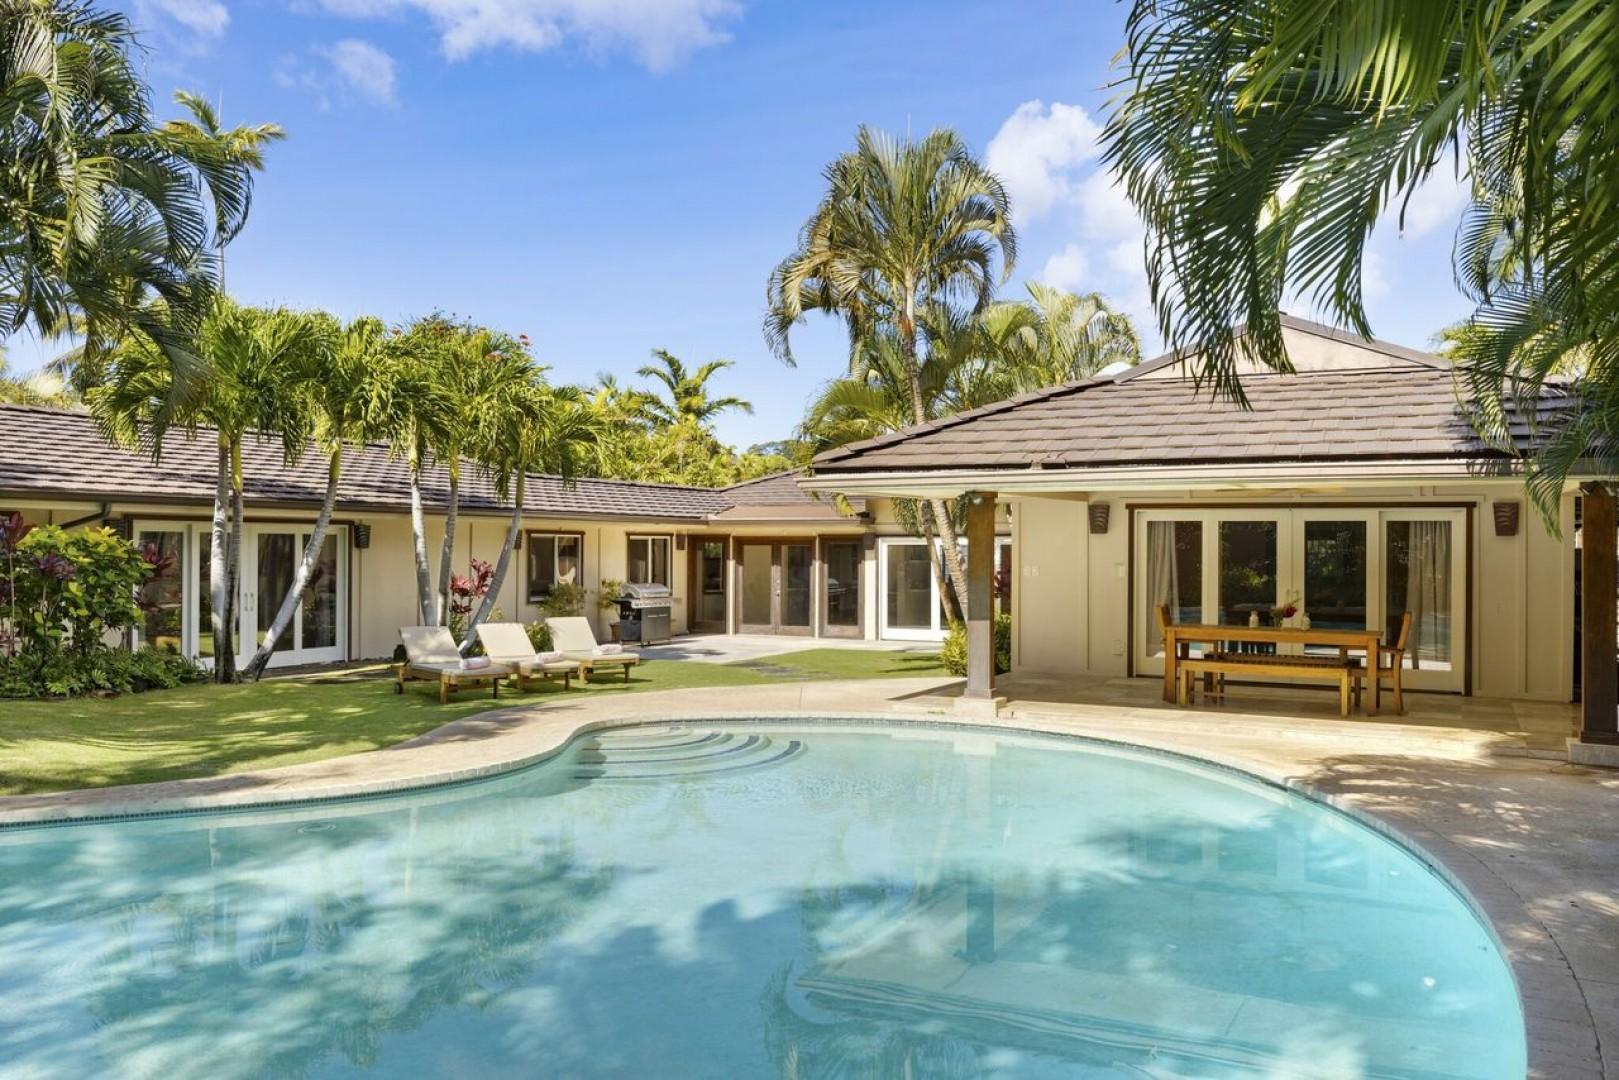 Lanai/terrace/pool.